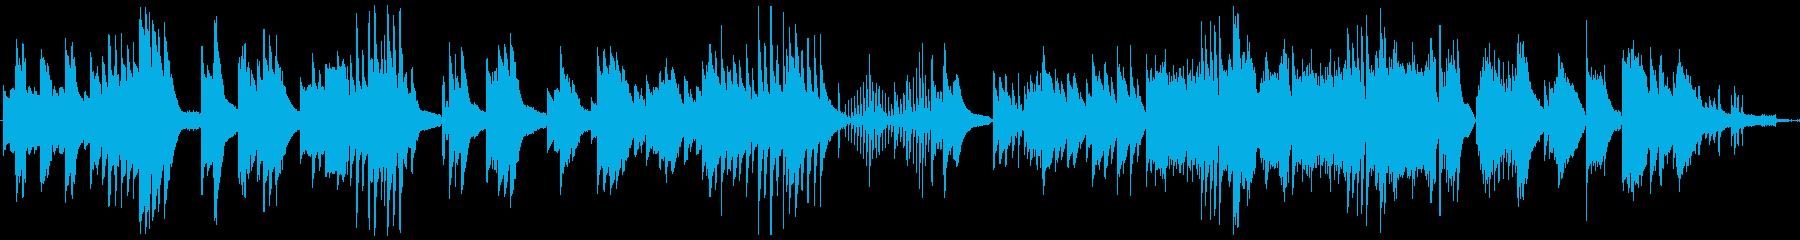 ゲーム音楽の悲しいシーンなどを想定した…の再生済みの波形